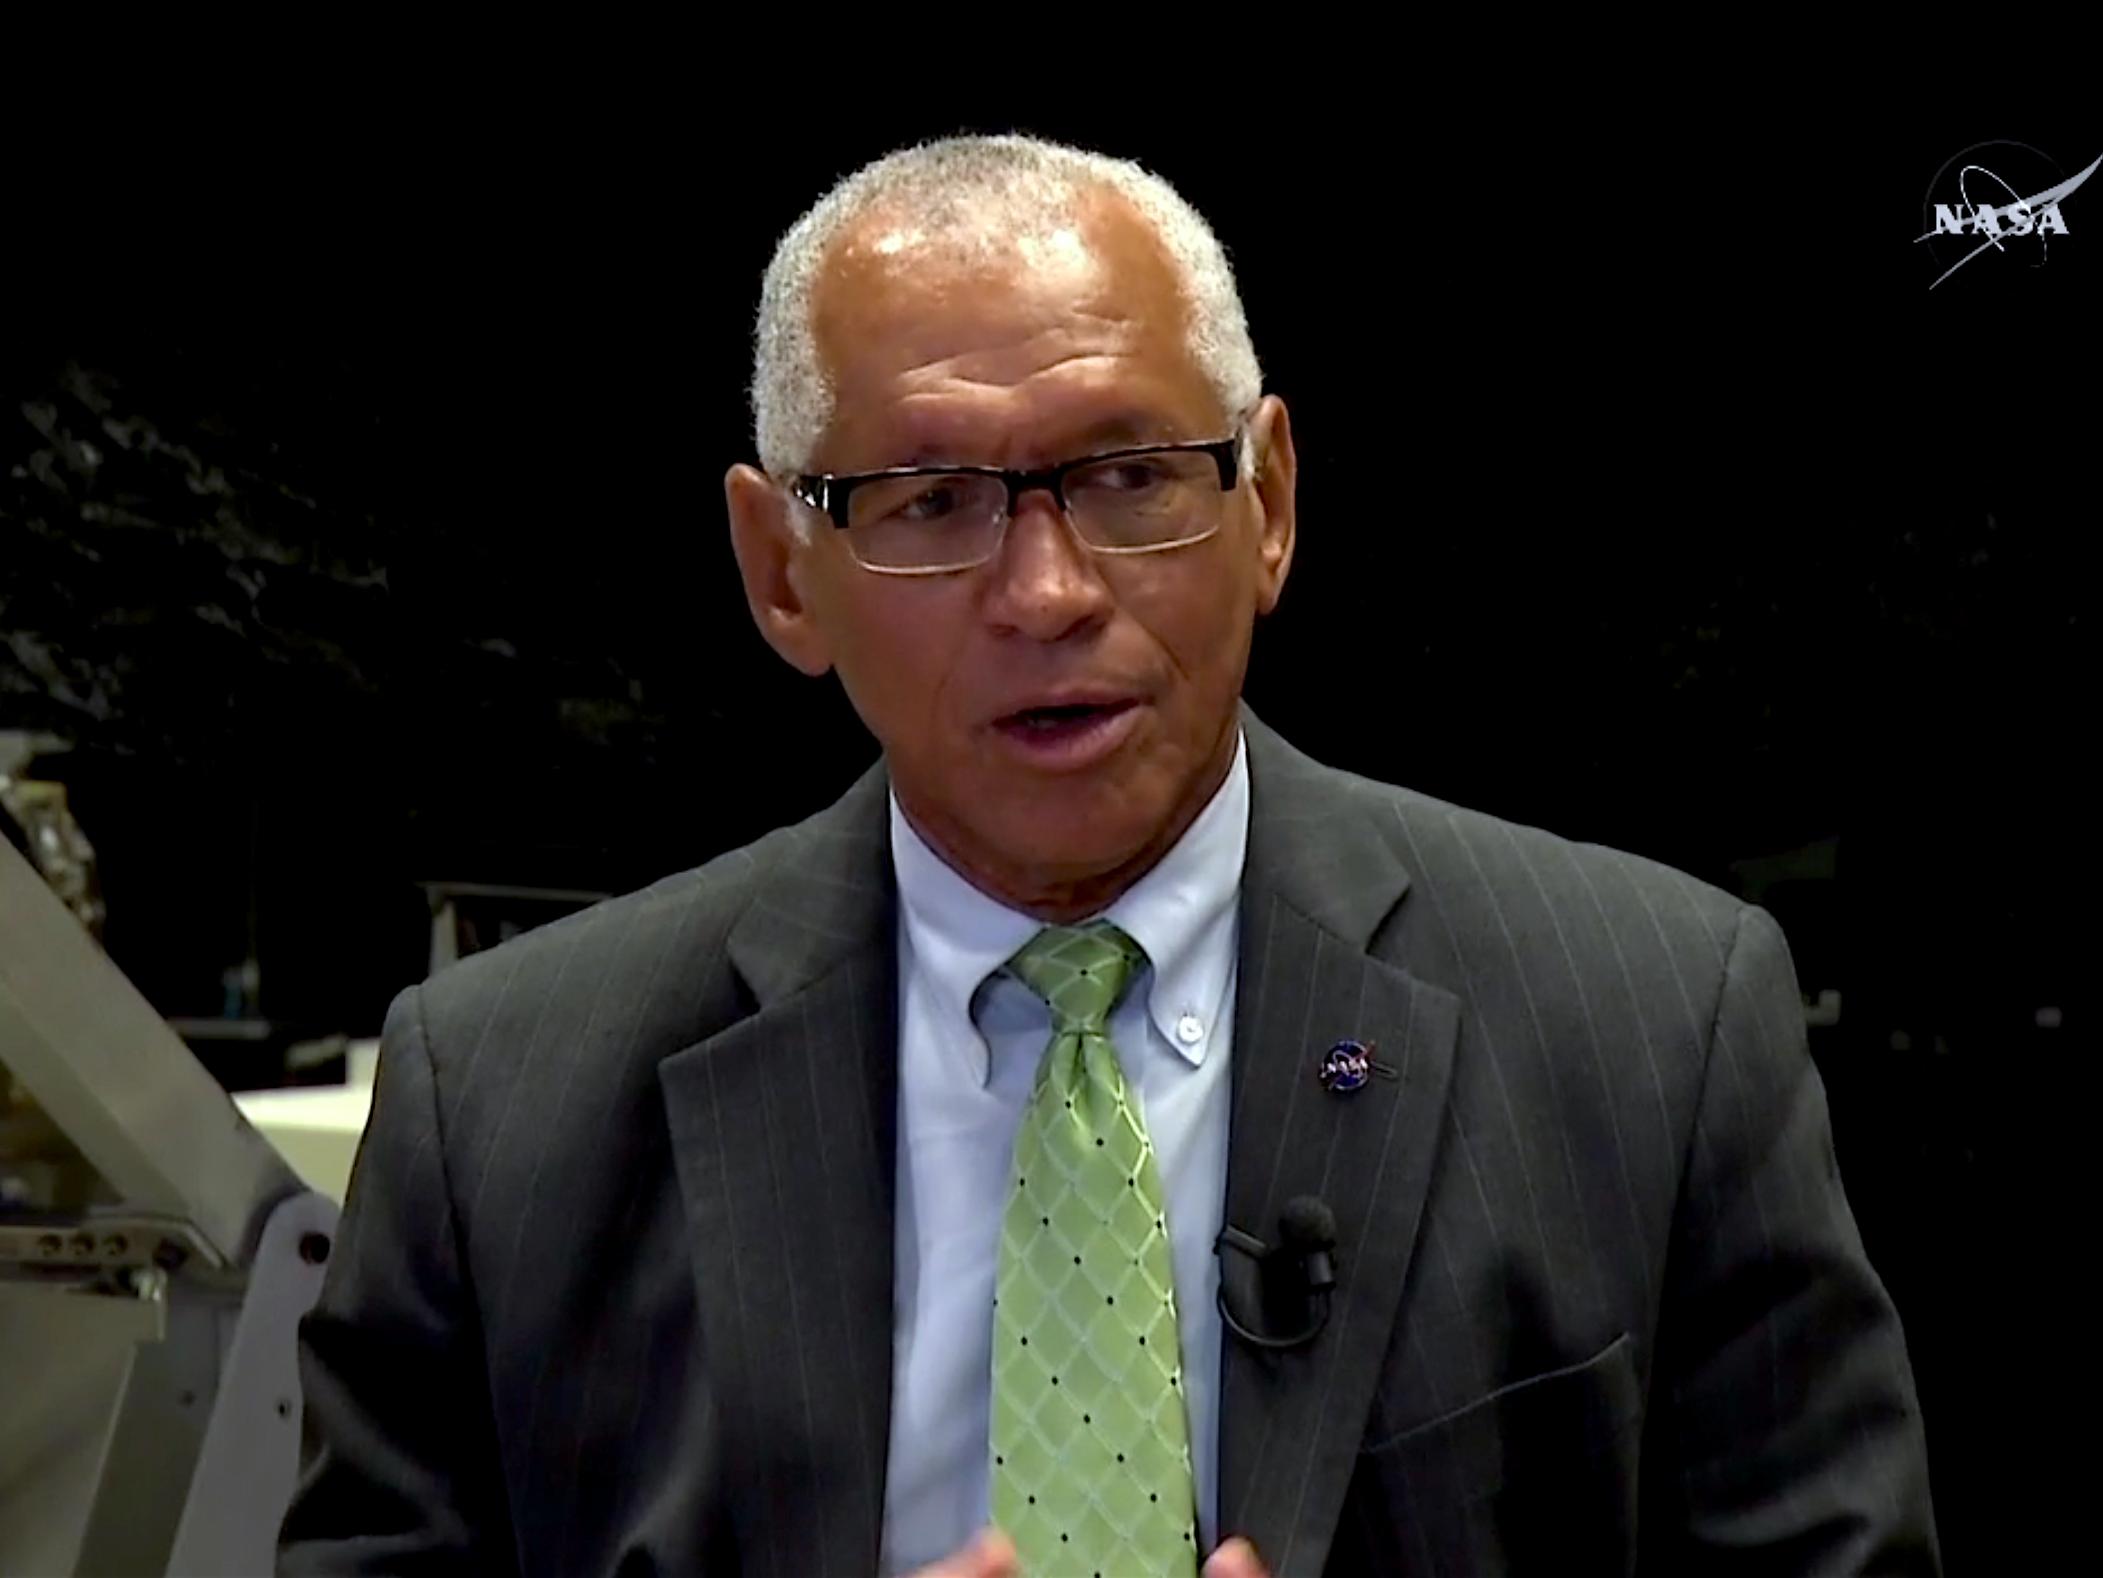 NASA Administrator Charles Bolden, speaking on Wednesday.